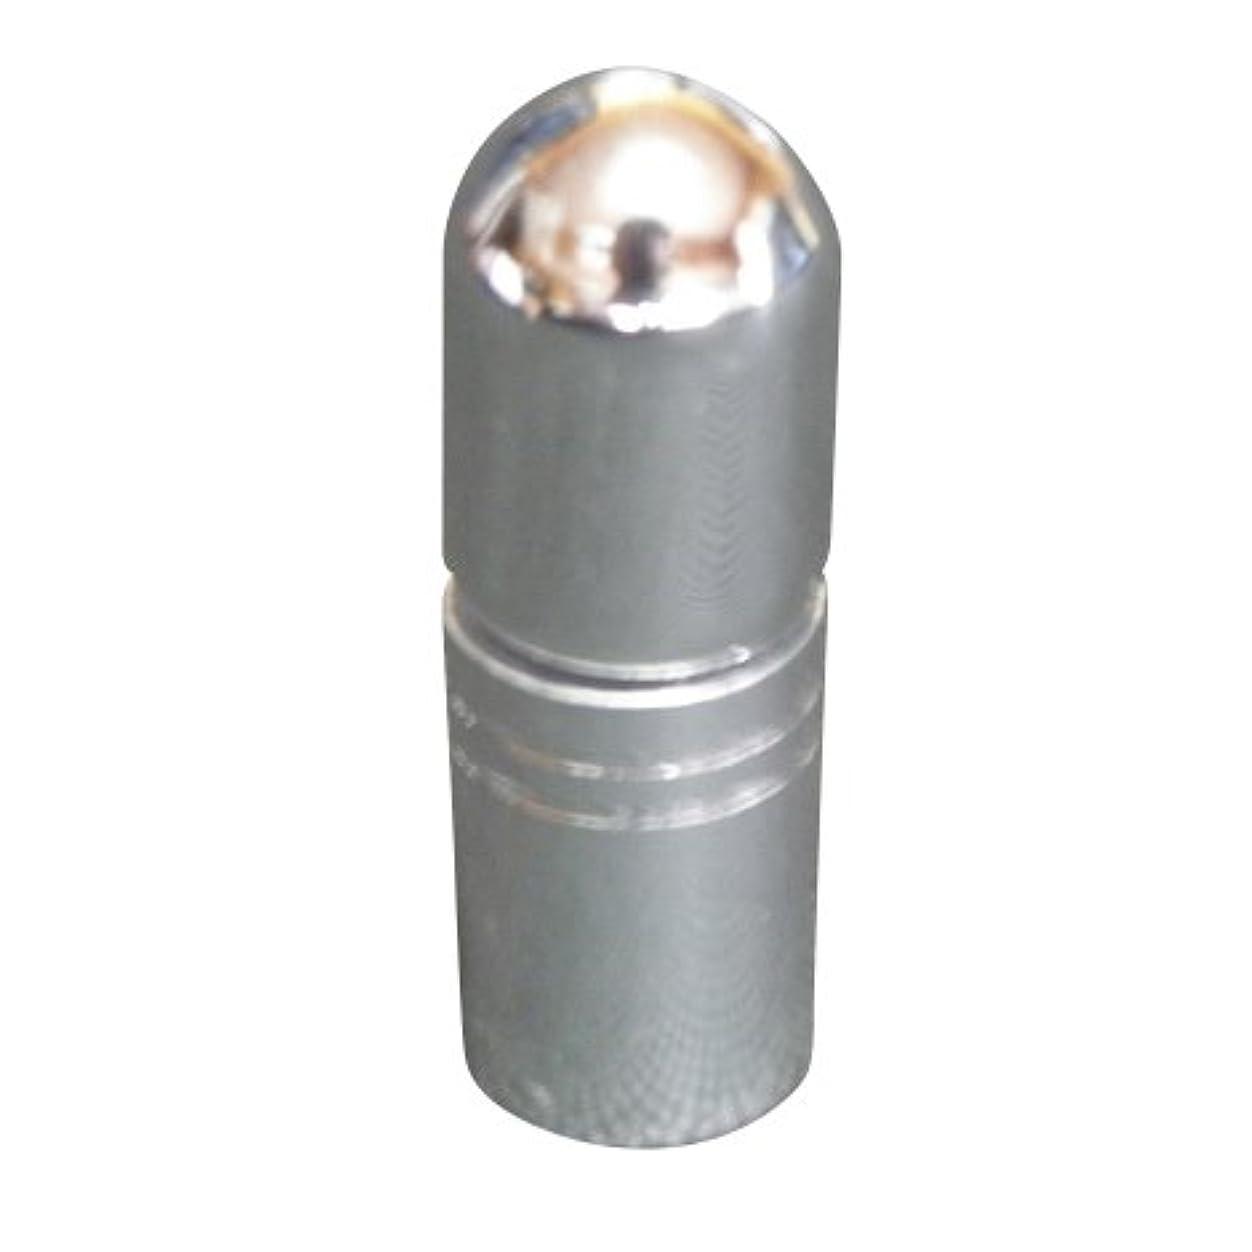 雨パトロンフリースアトマイザー 携帯 持ち運び ミニ サイズ 3ml ロール オン タイプ 香水 詰め替え (シルバー)